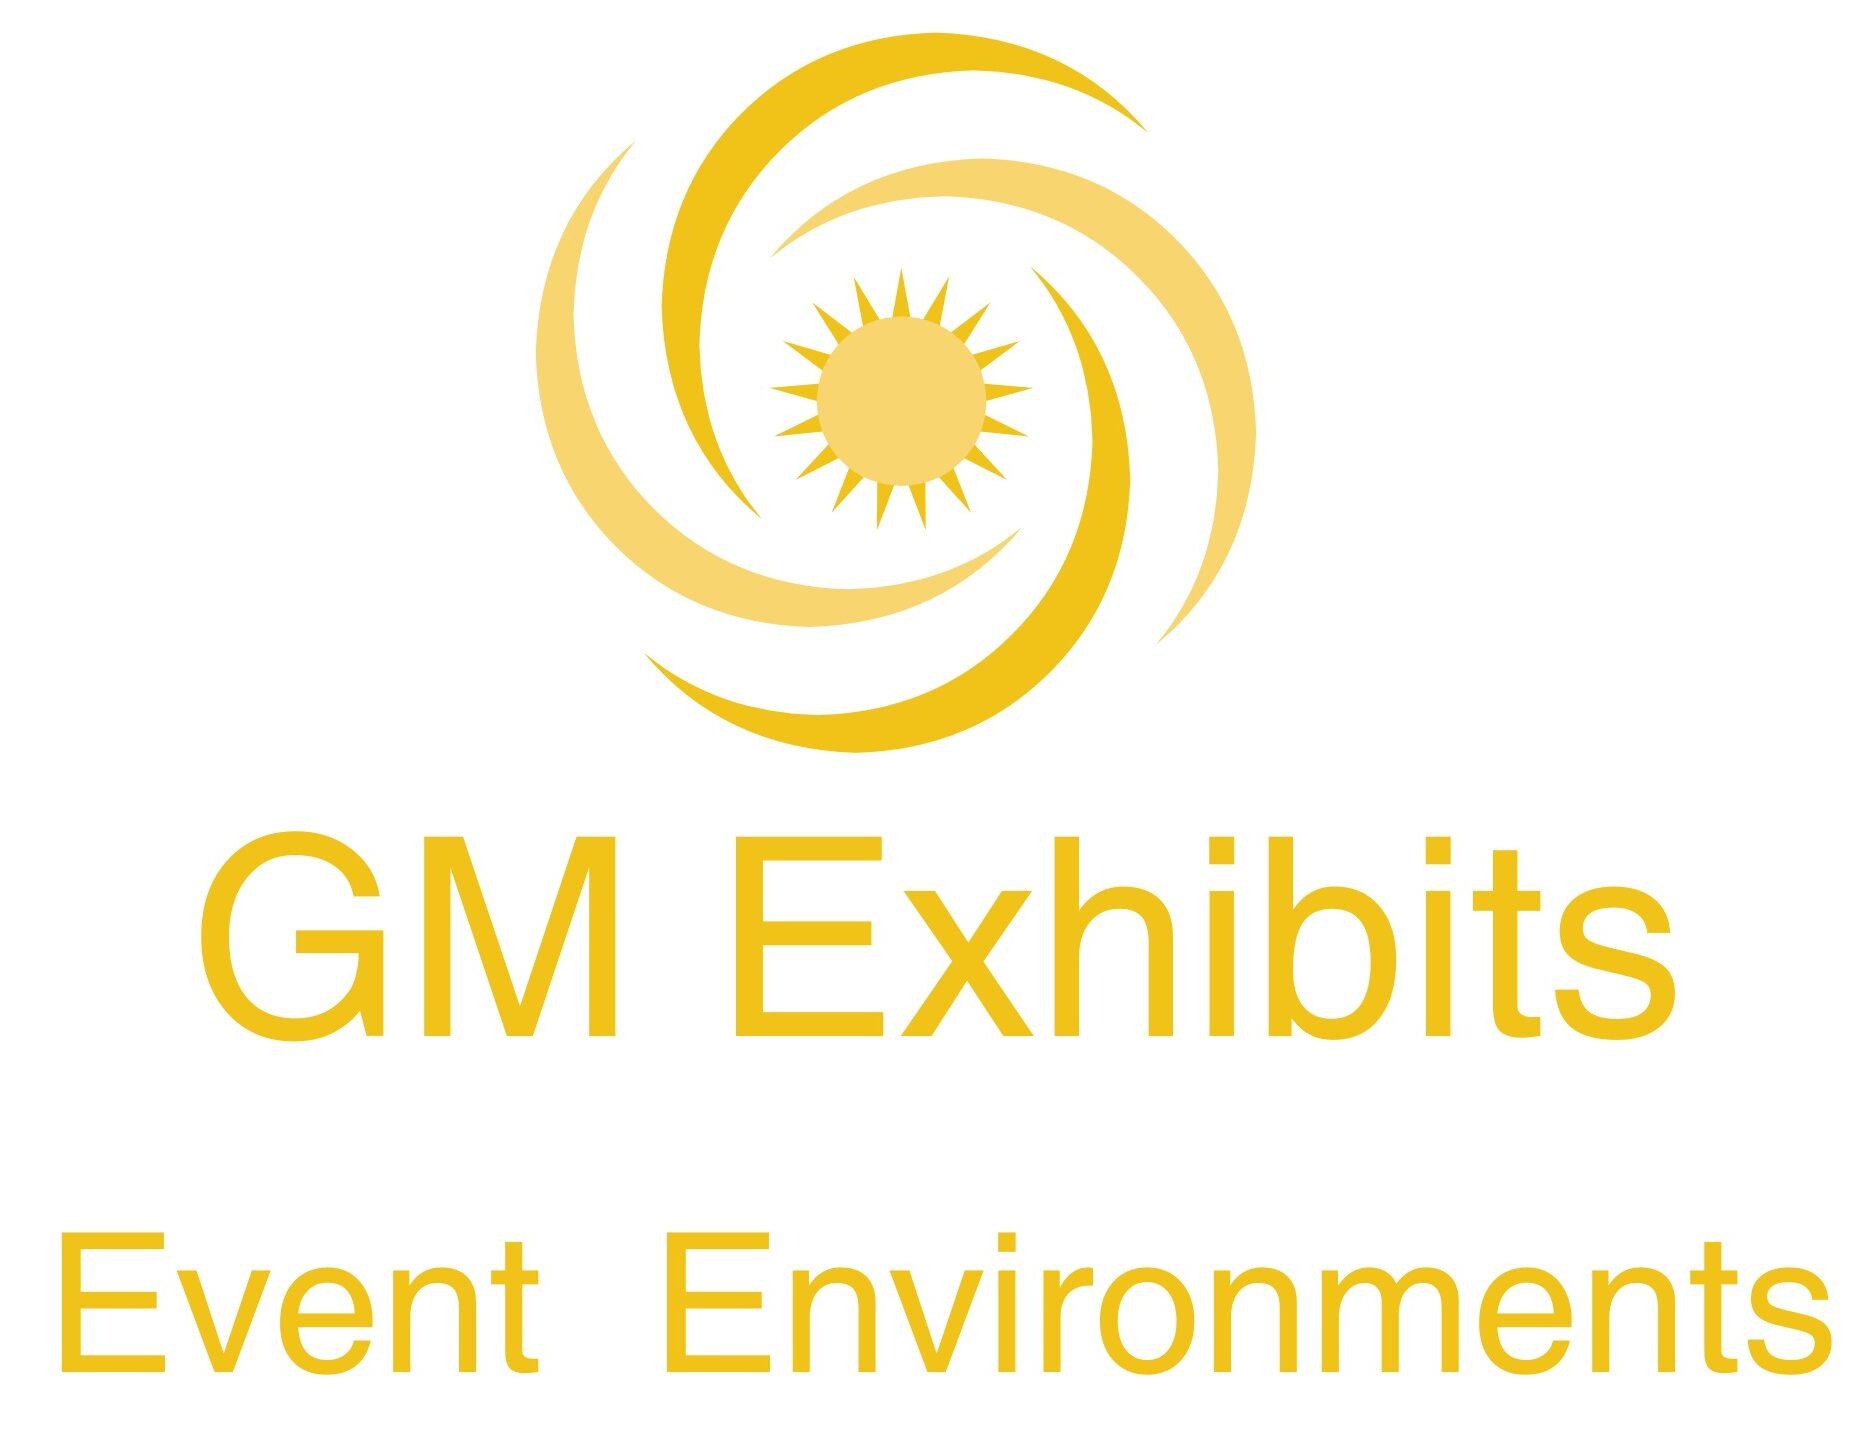 GM Exhibits